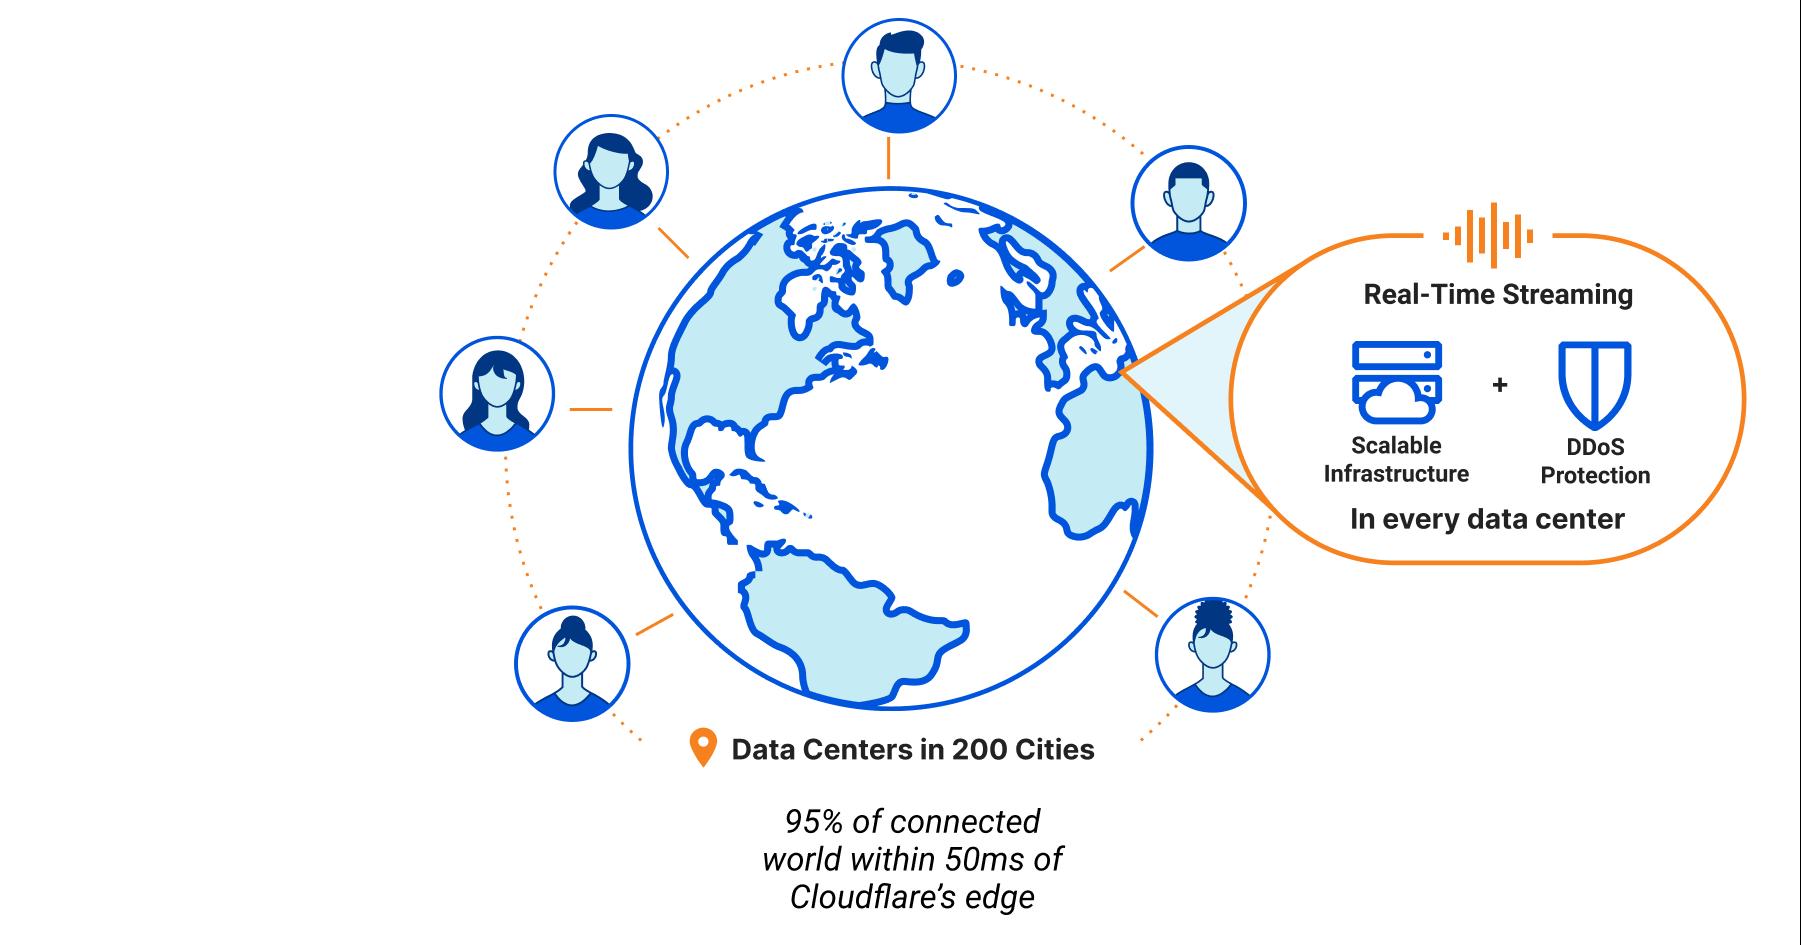 用户通过 Cloudflare 的分布式全球边缘网络进行连接。